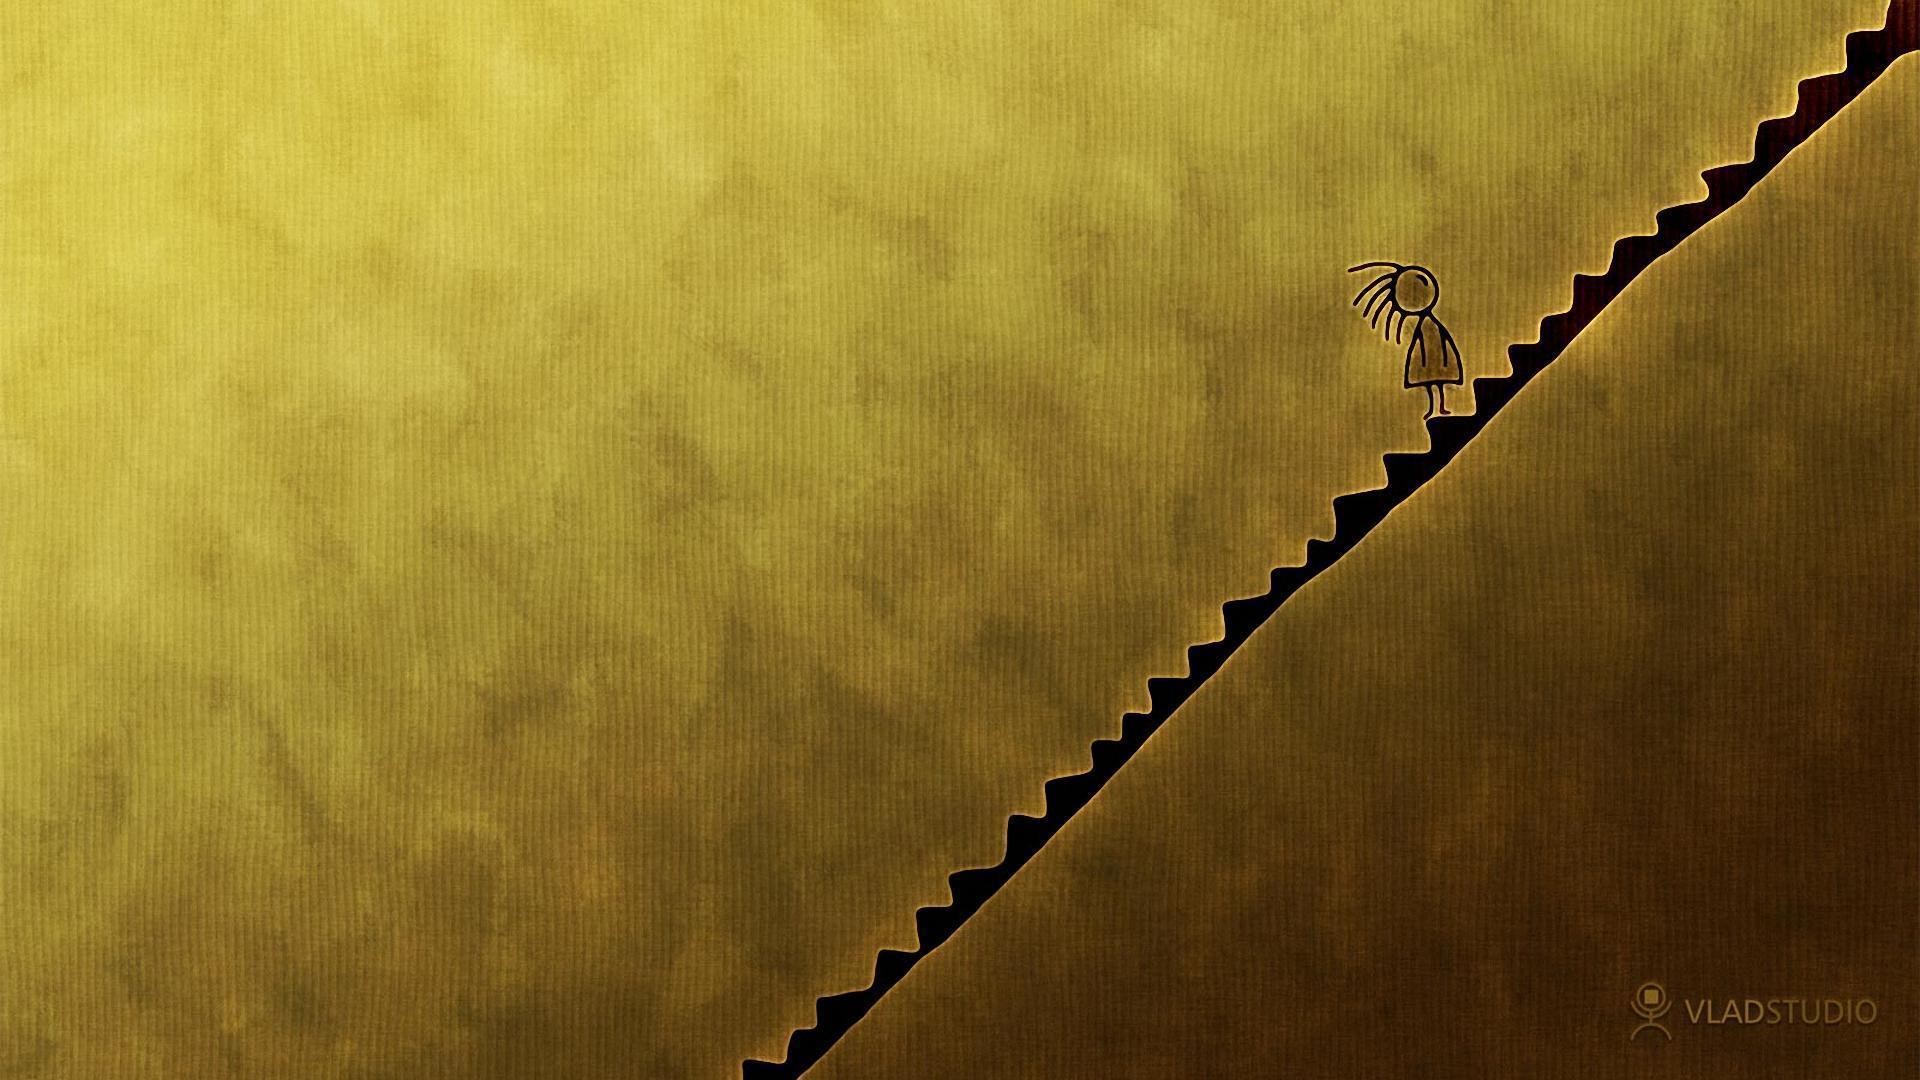 wallpaper free down - photo #1